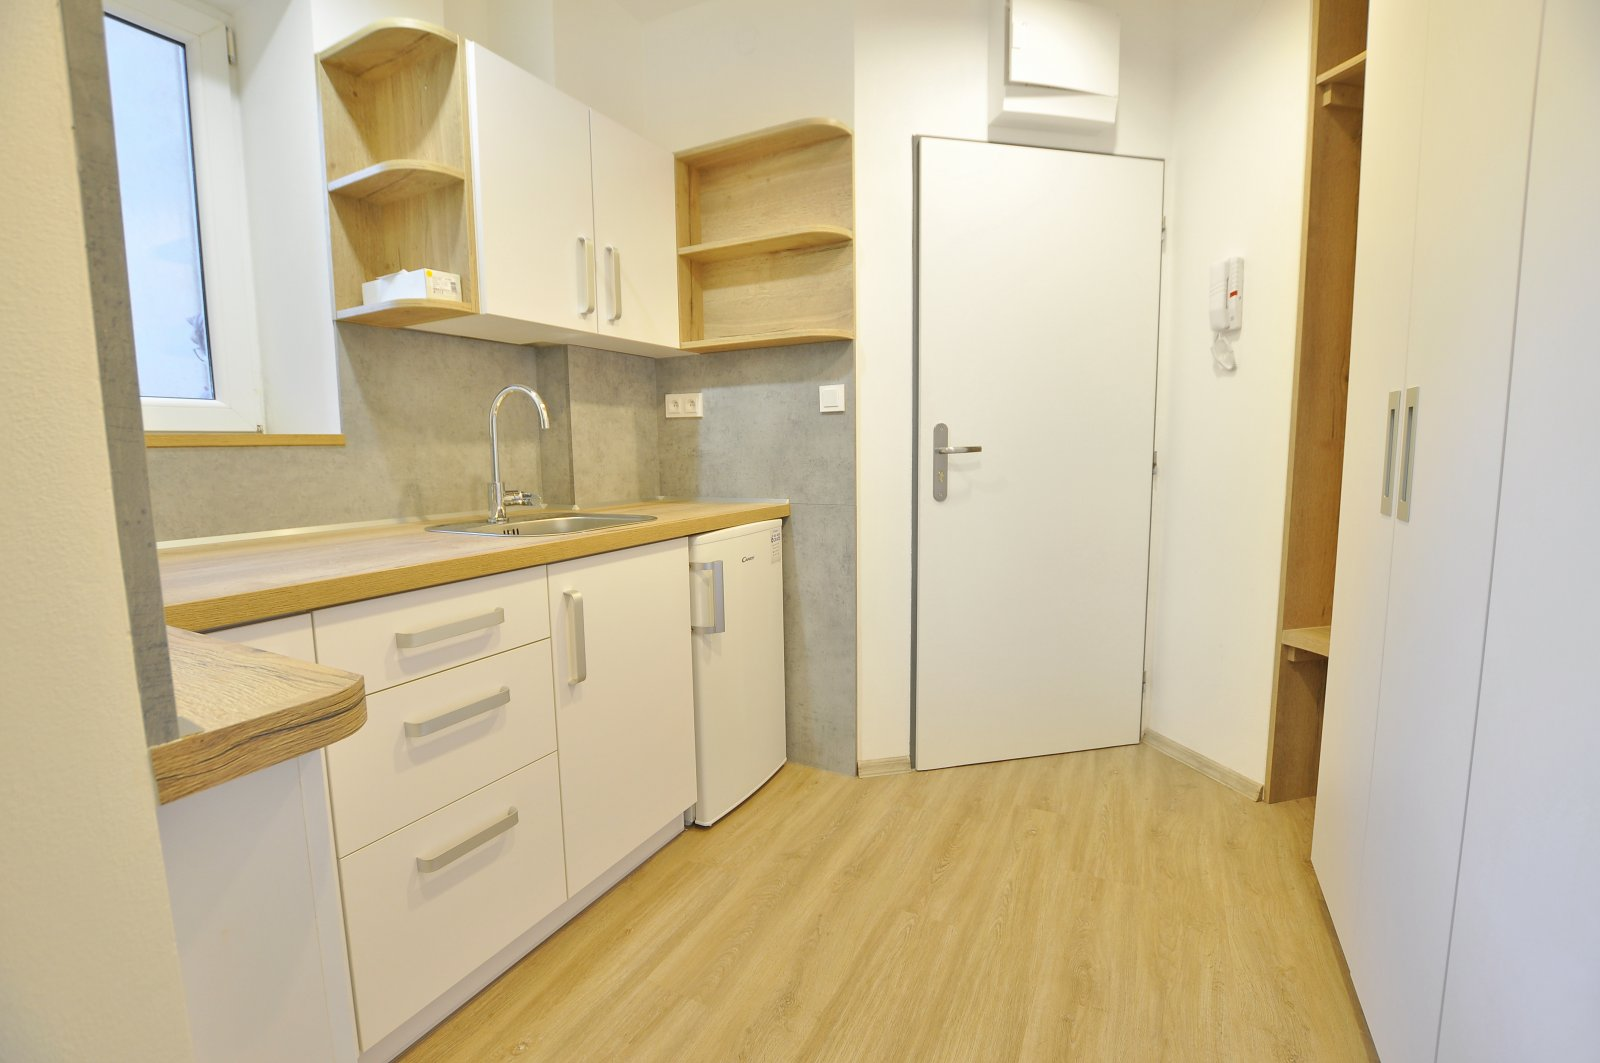 Rezervováno: Zděný byt 1+1, po kompletní nákladné rekonstrukci, Trutnov - ul. Břečtejnská